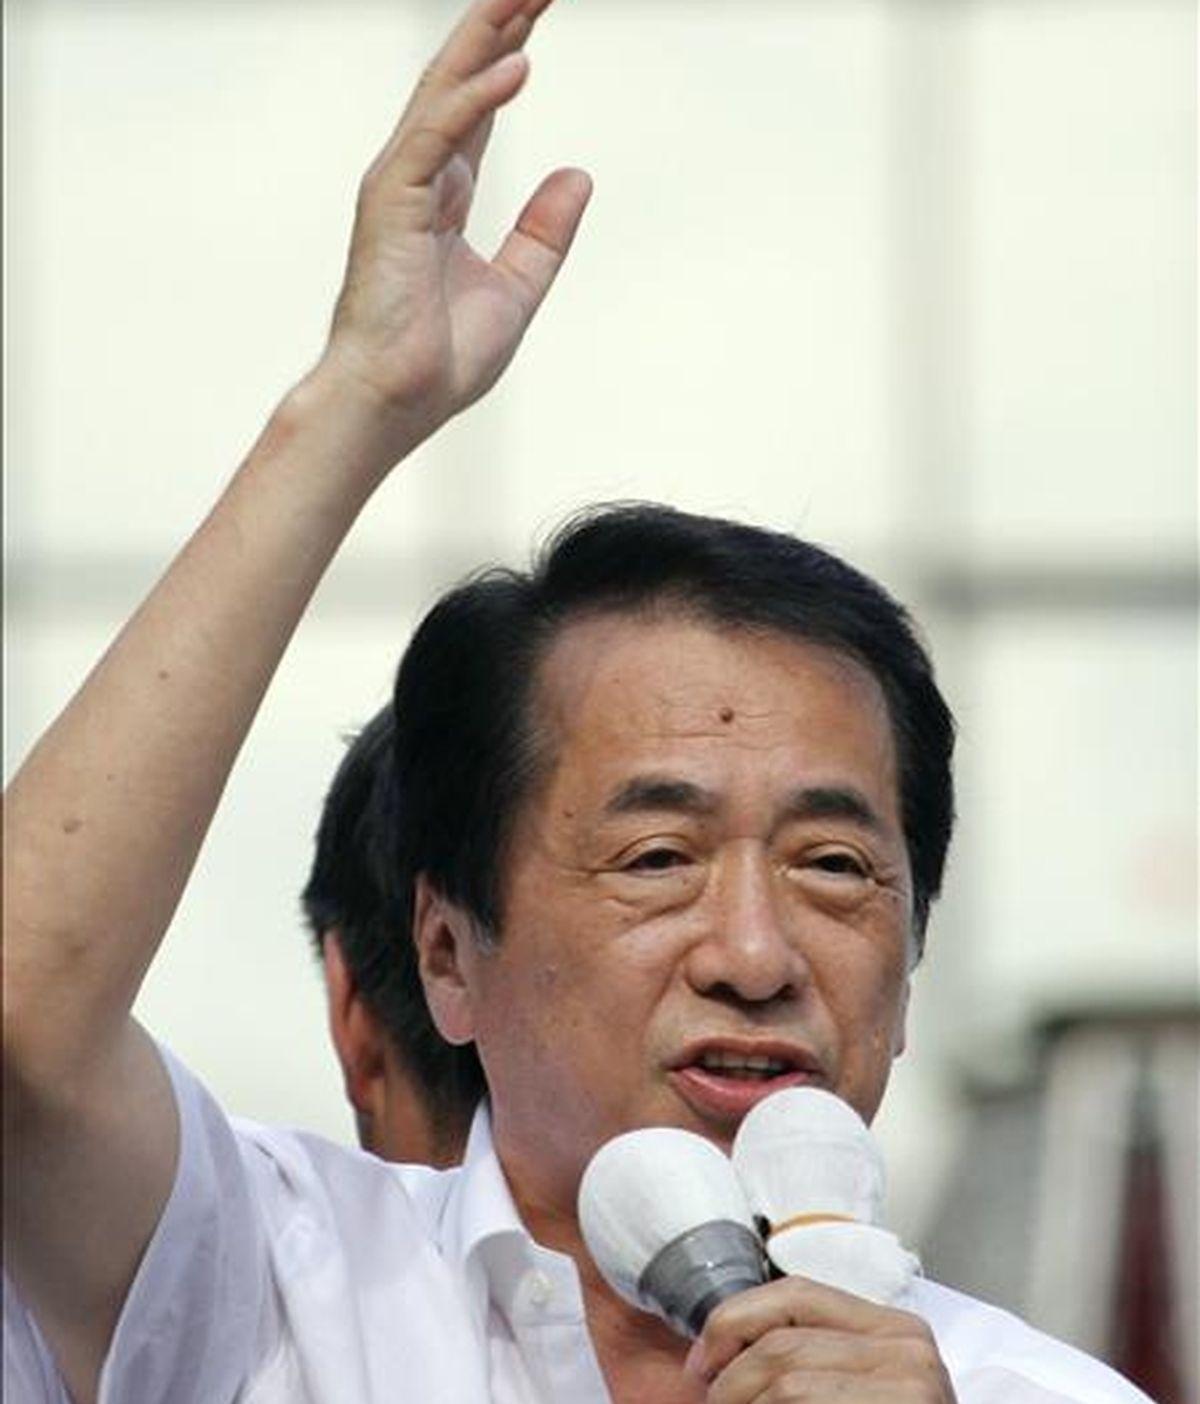 El primer ministro japonés Naoto Kan, del partido Democrático (PD) ofrece un discruso durante su campaña electoral en la estación de tren de Kichijoi en Tokio, Japón, hoy, sábado, 10 de julio de 2010. El primer ministro japonés afronta mañana, domingo, unas elecciones parciales al Senado que pueden poner en riesgo su ambiciosa reforma financiera e incluso su liderazgo si, como prevén las encuestas, no logra una mayoría clara. EFE